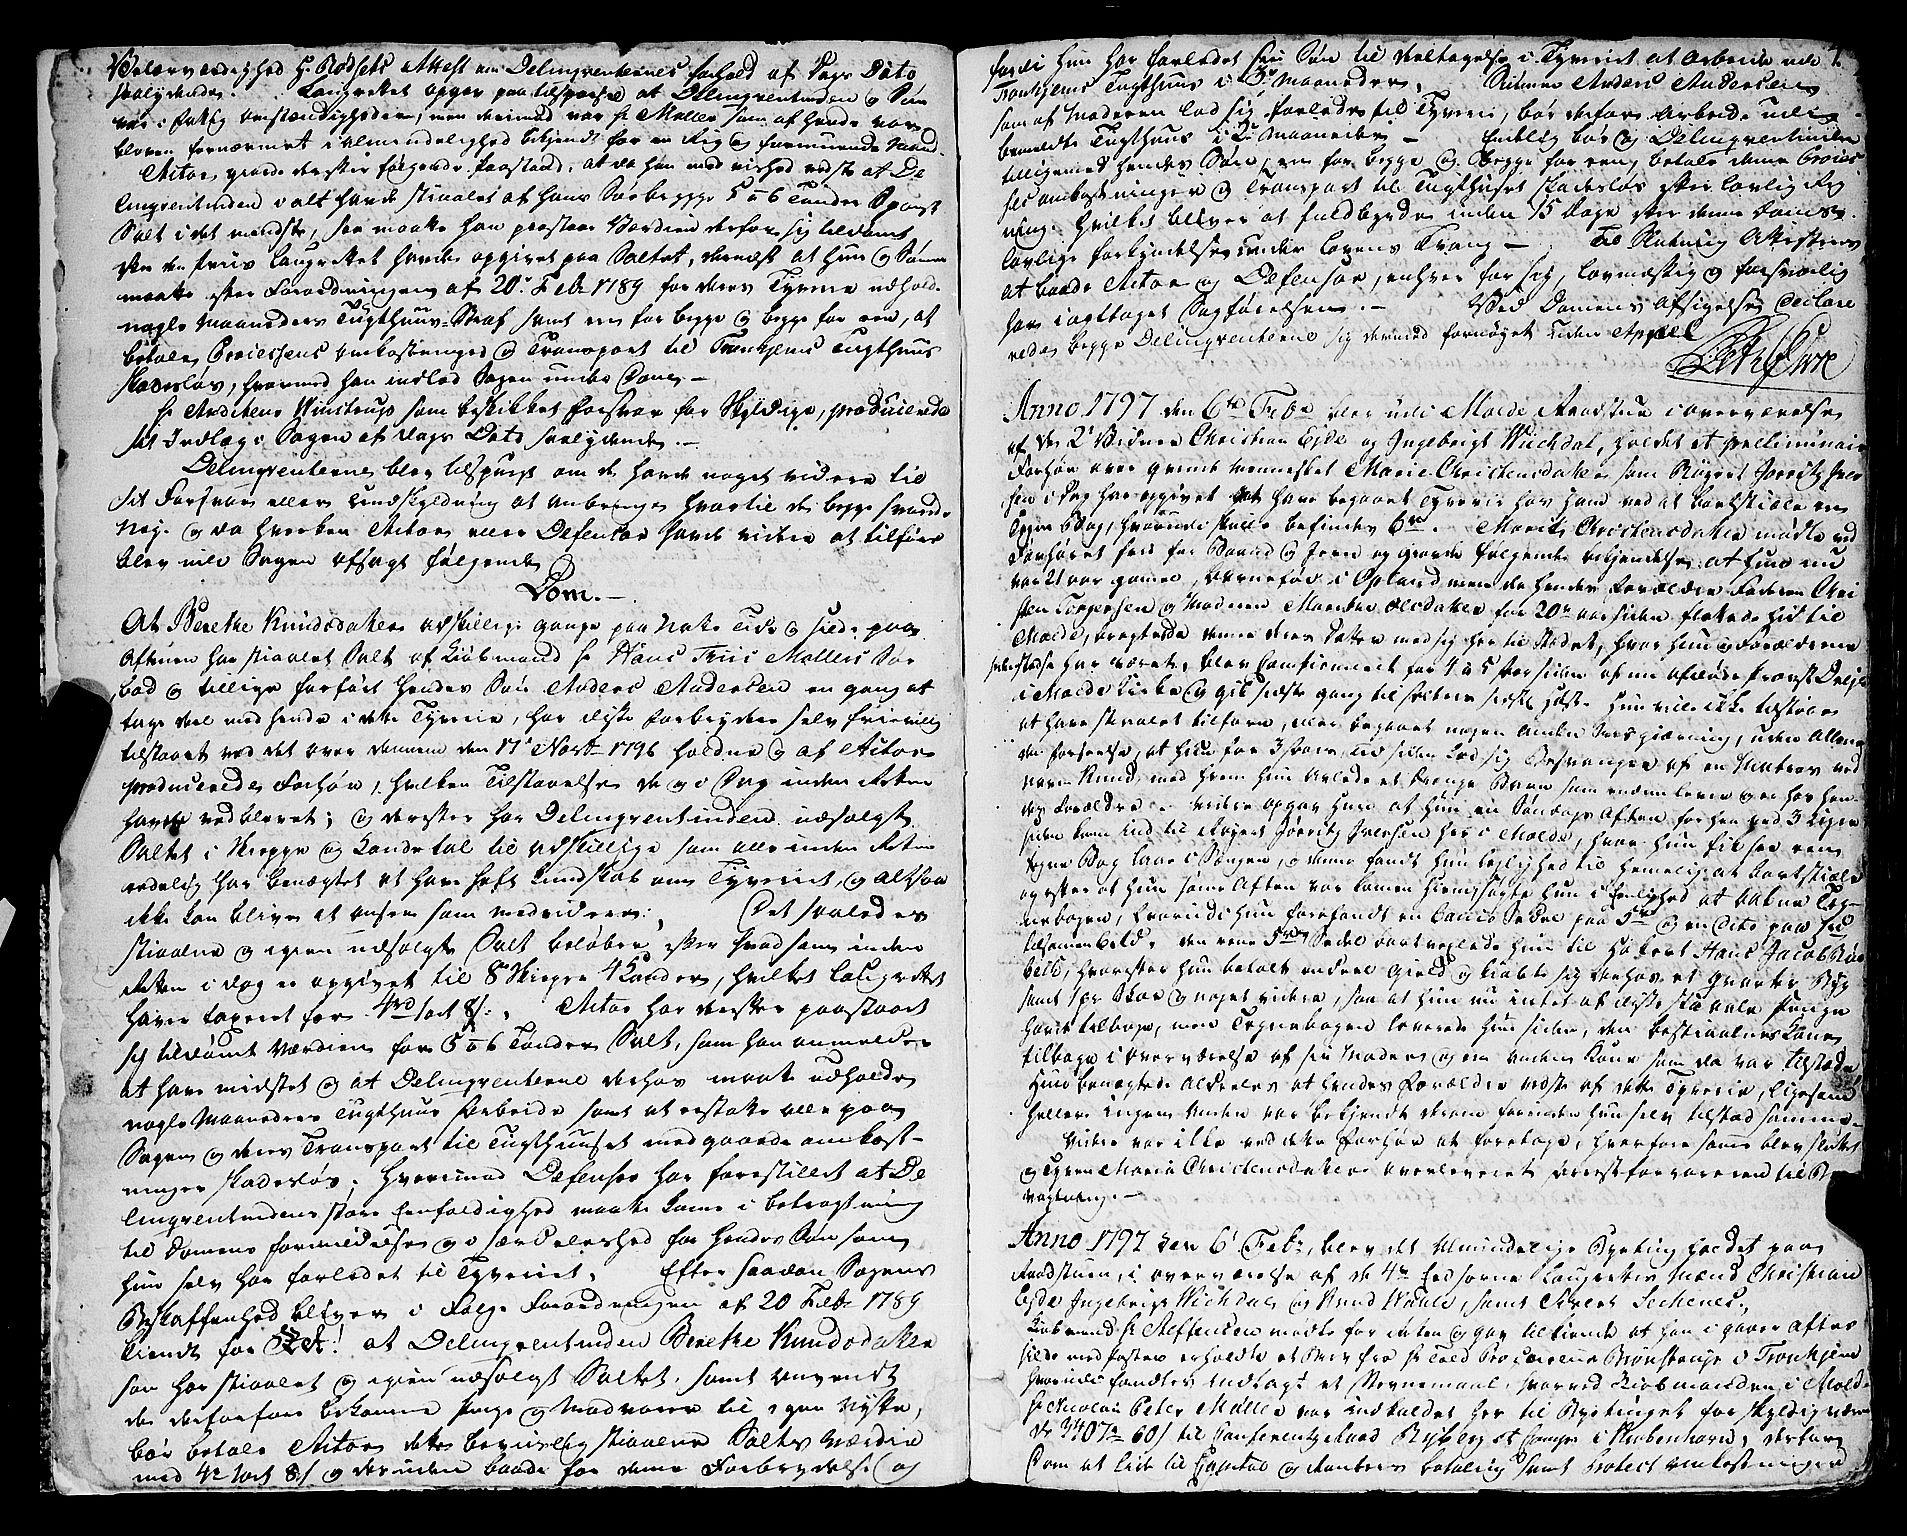 SAT, Molde byfogd, 1/1A/L0002: Justisprotokoll, 1797-1831, s. 3b-4a